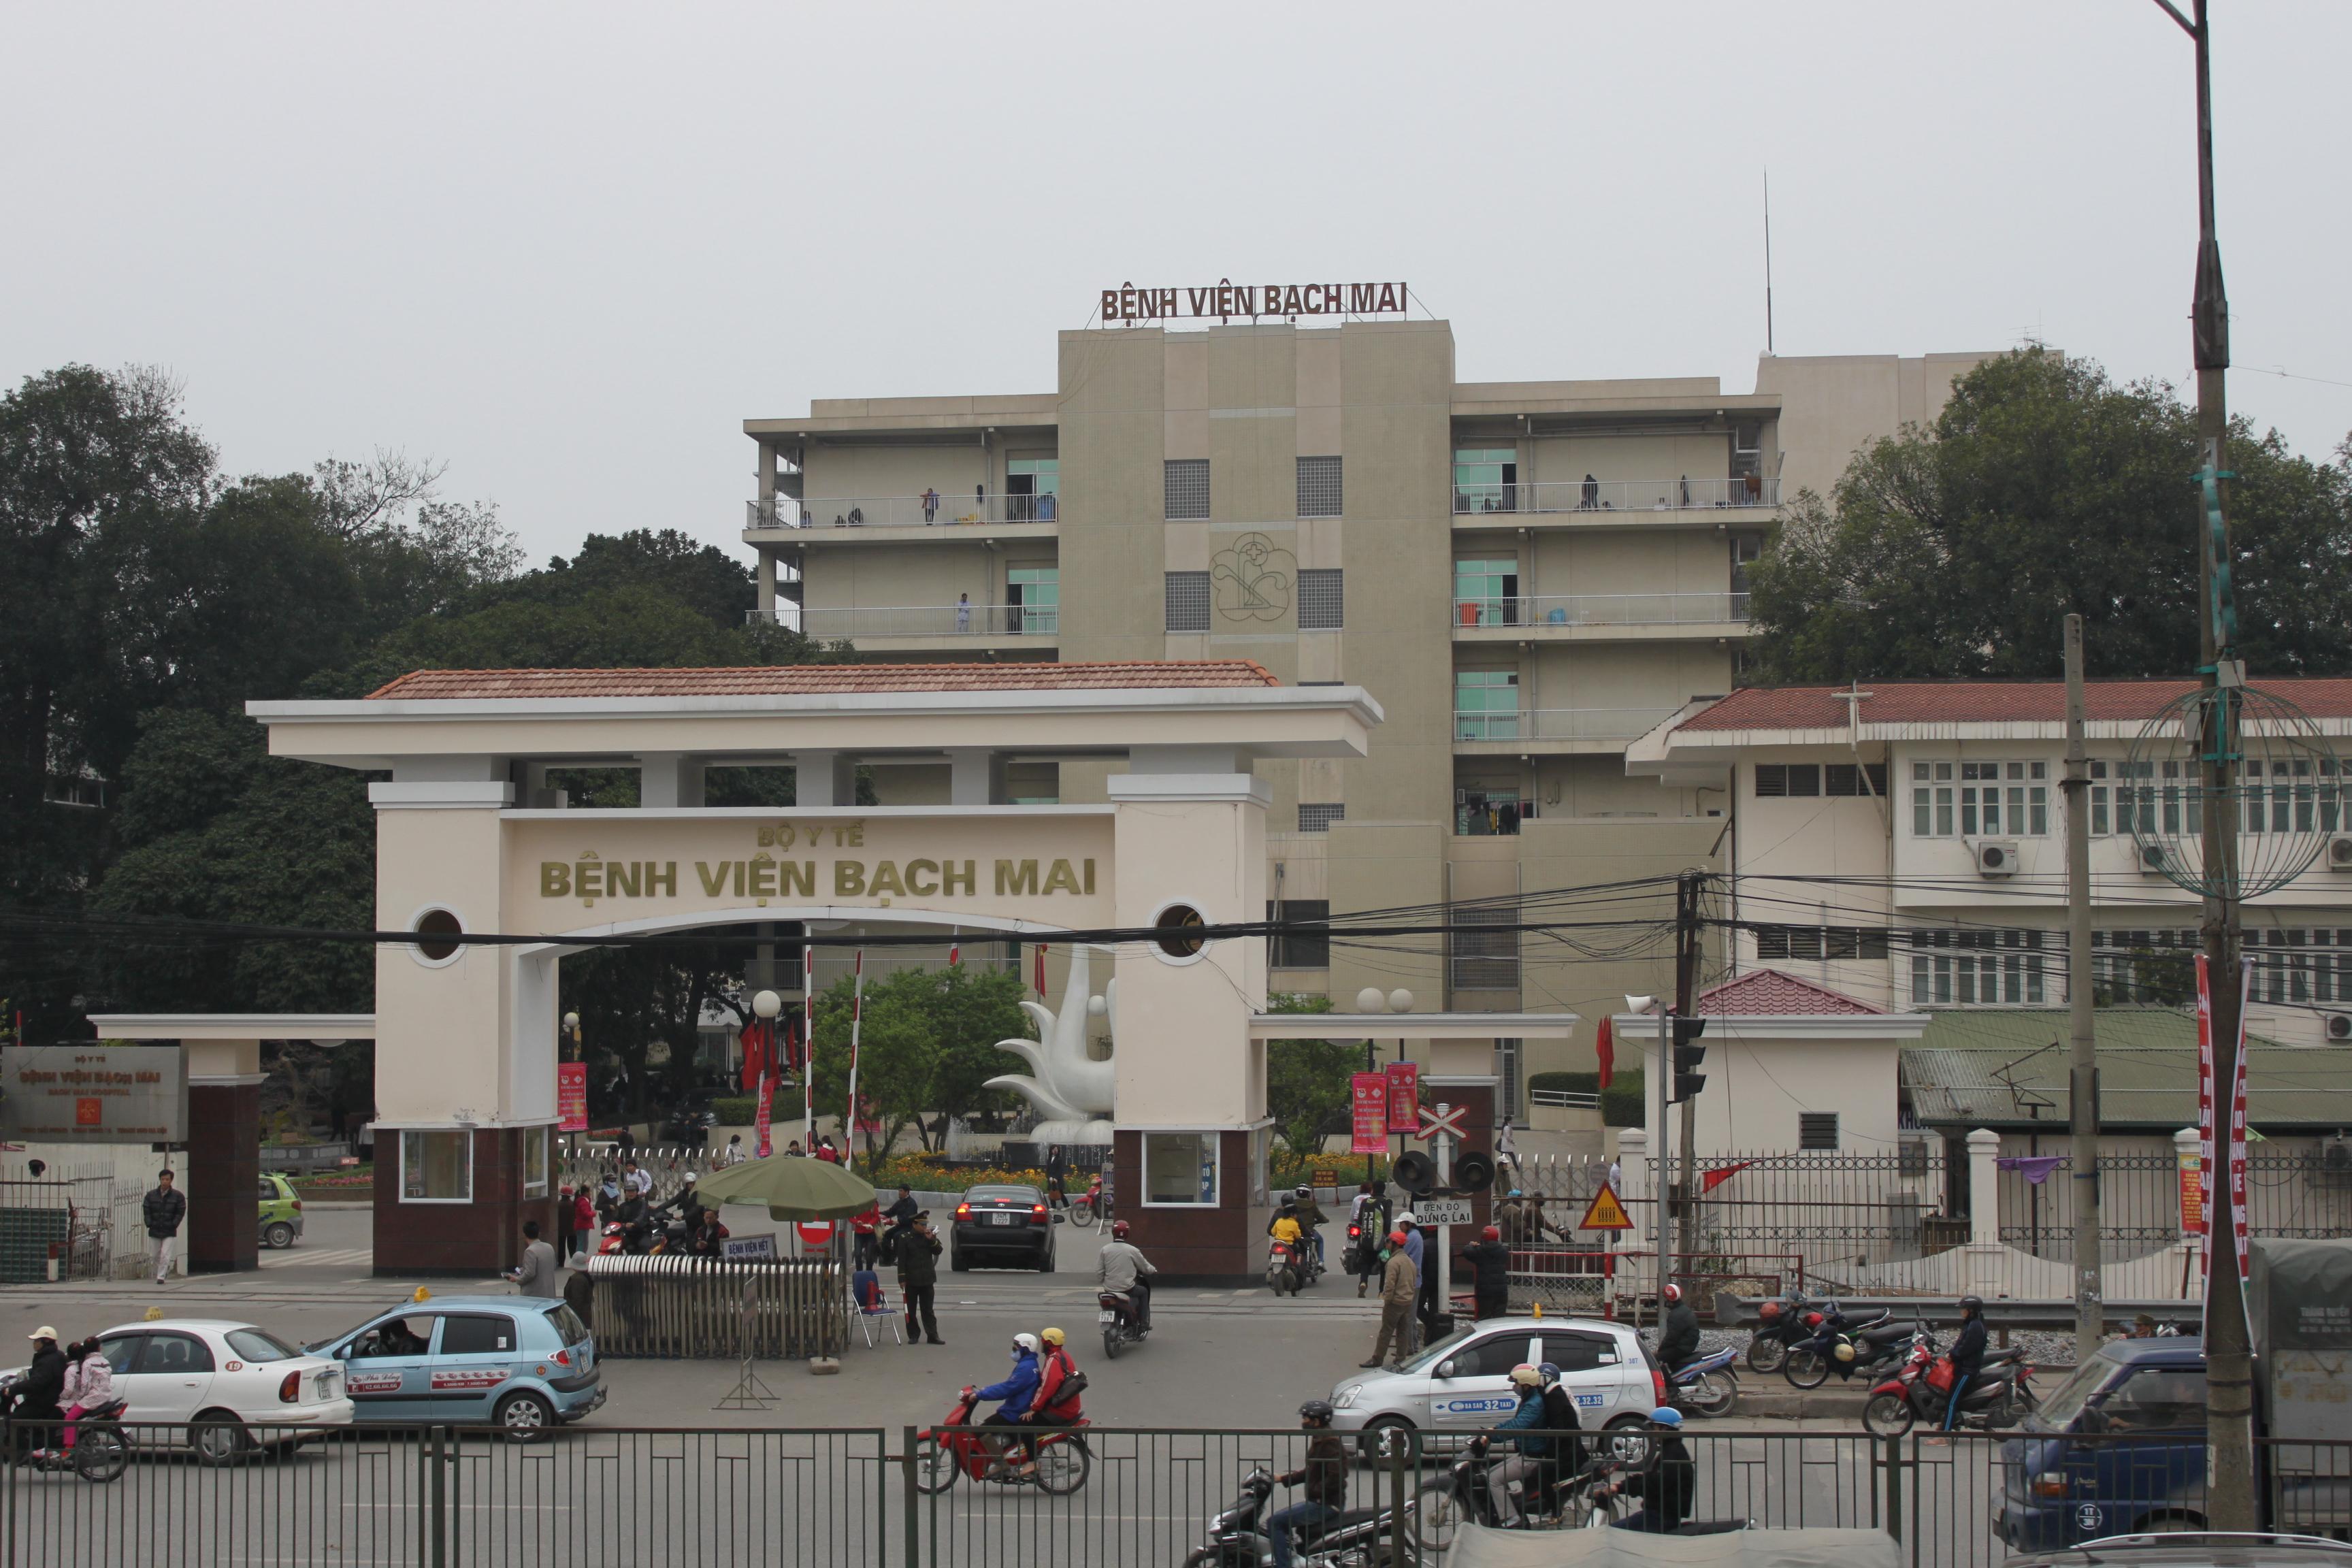 Bệnh viện Bạch Mai nằm ở đâu Hà Nội